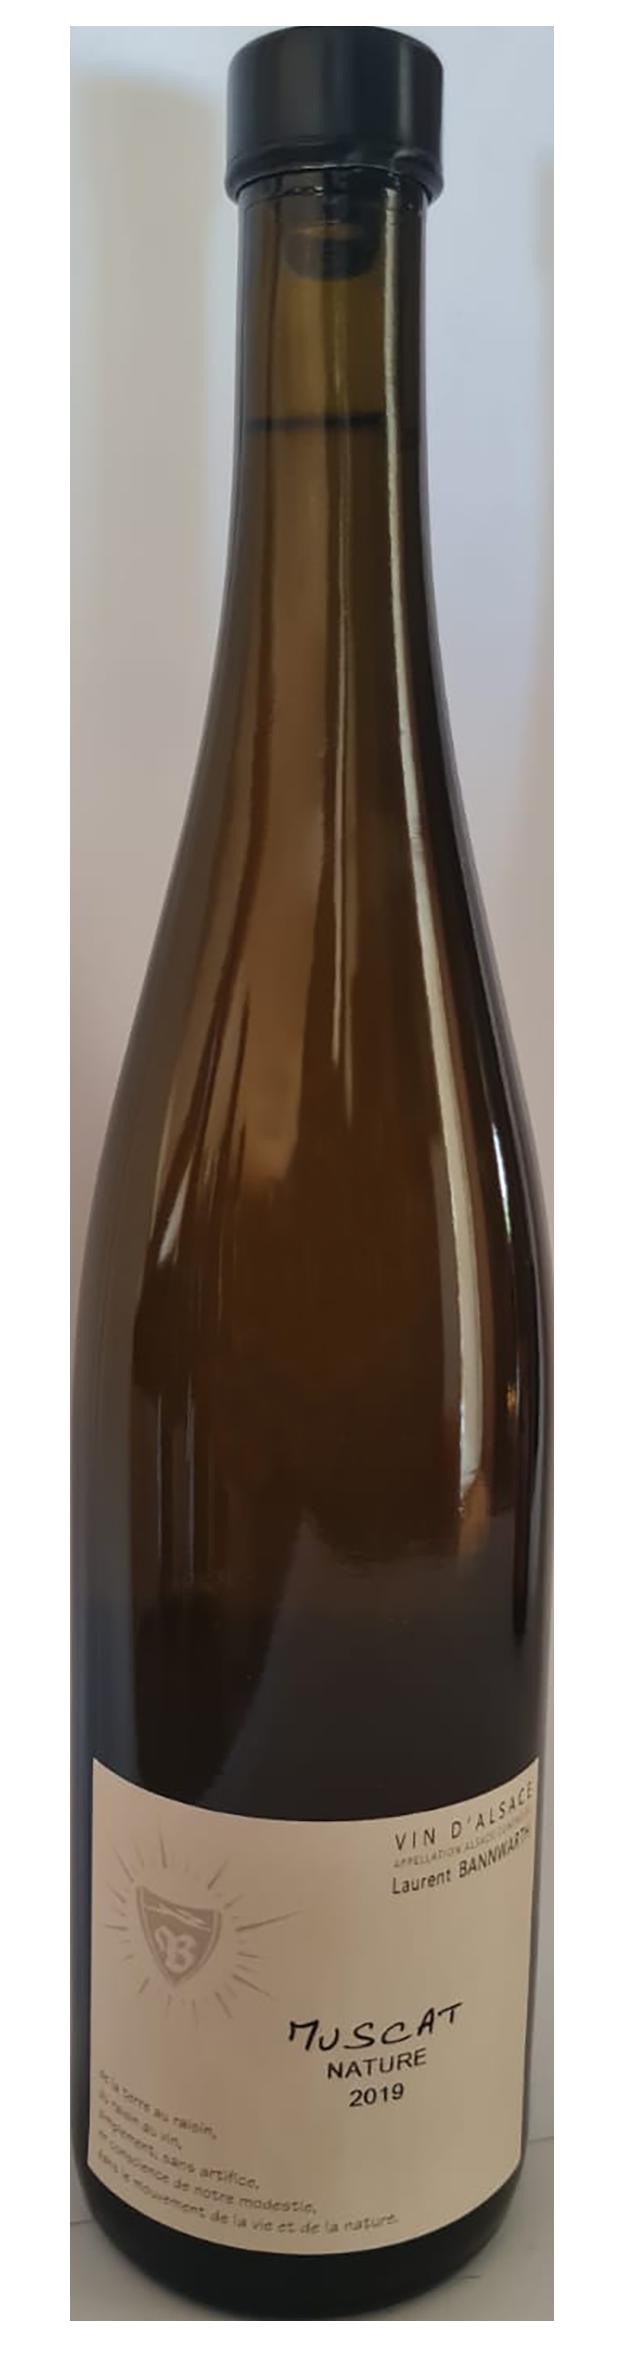 bouteille de vin blanc naturel d'Alsace, domaine Bannwharth, cuvée Muscat Nature 2019